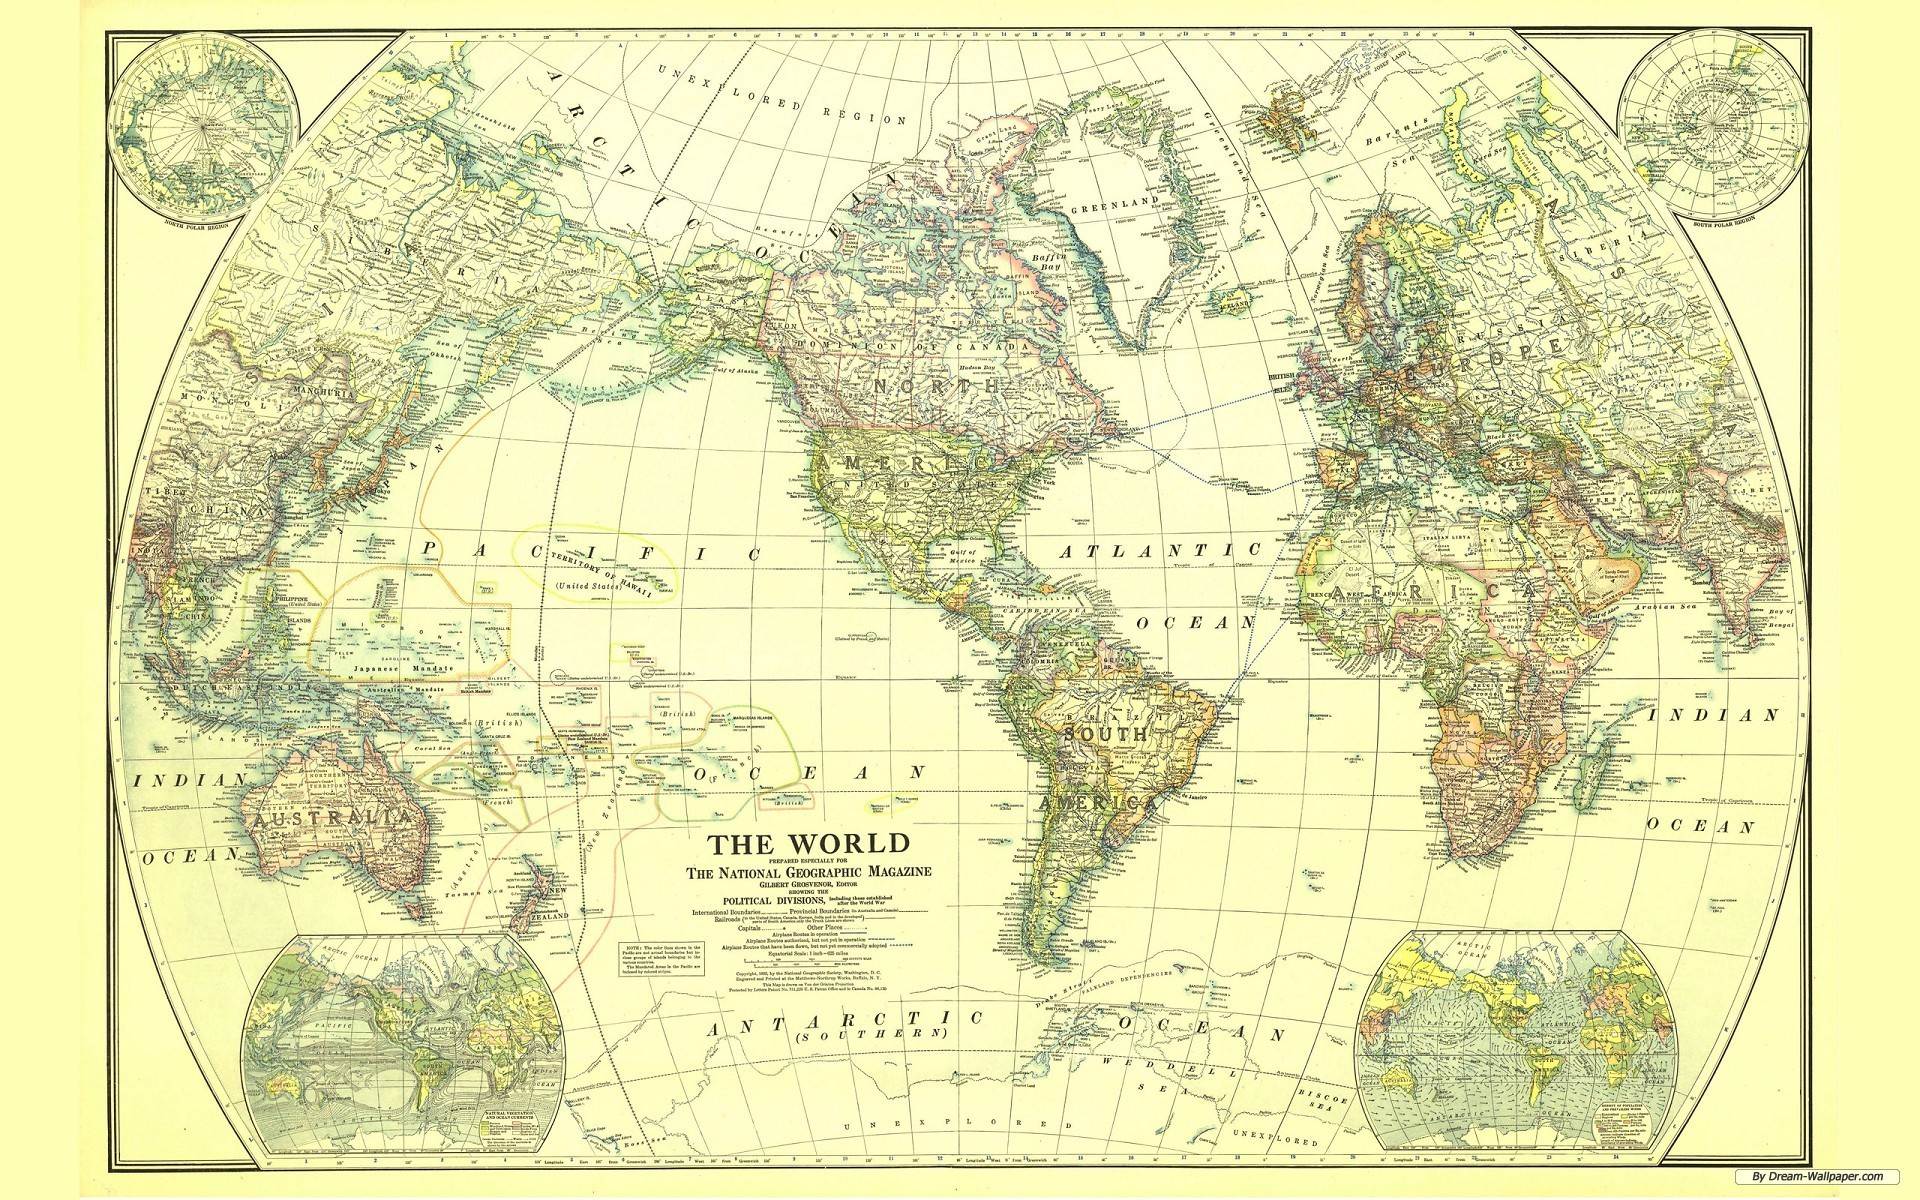 Old world map desktop wallpaper 47 images 1920x1200 old world maps wallpaper quality images download gumiabroncs Images